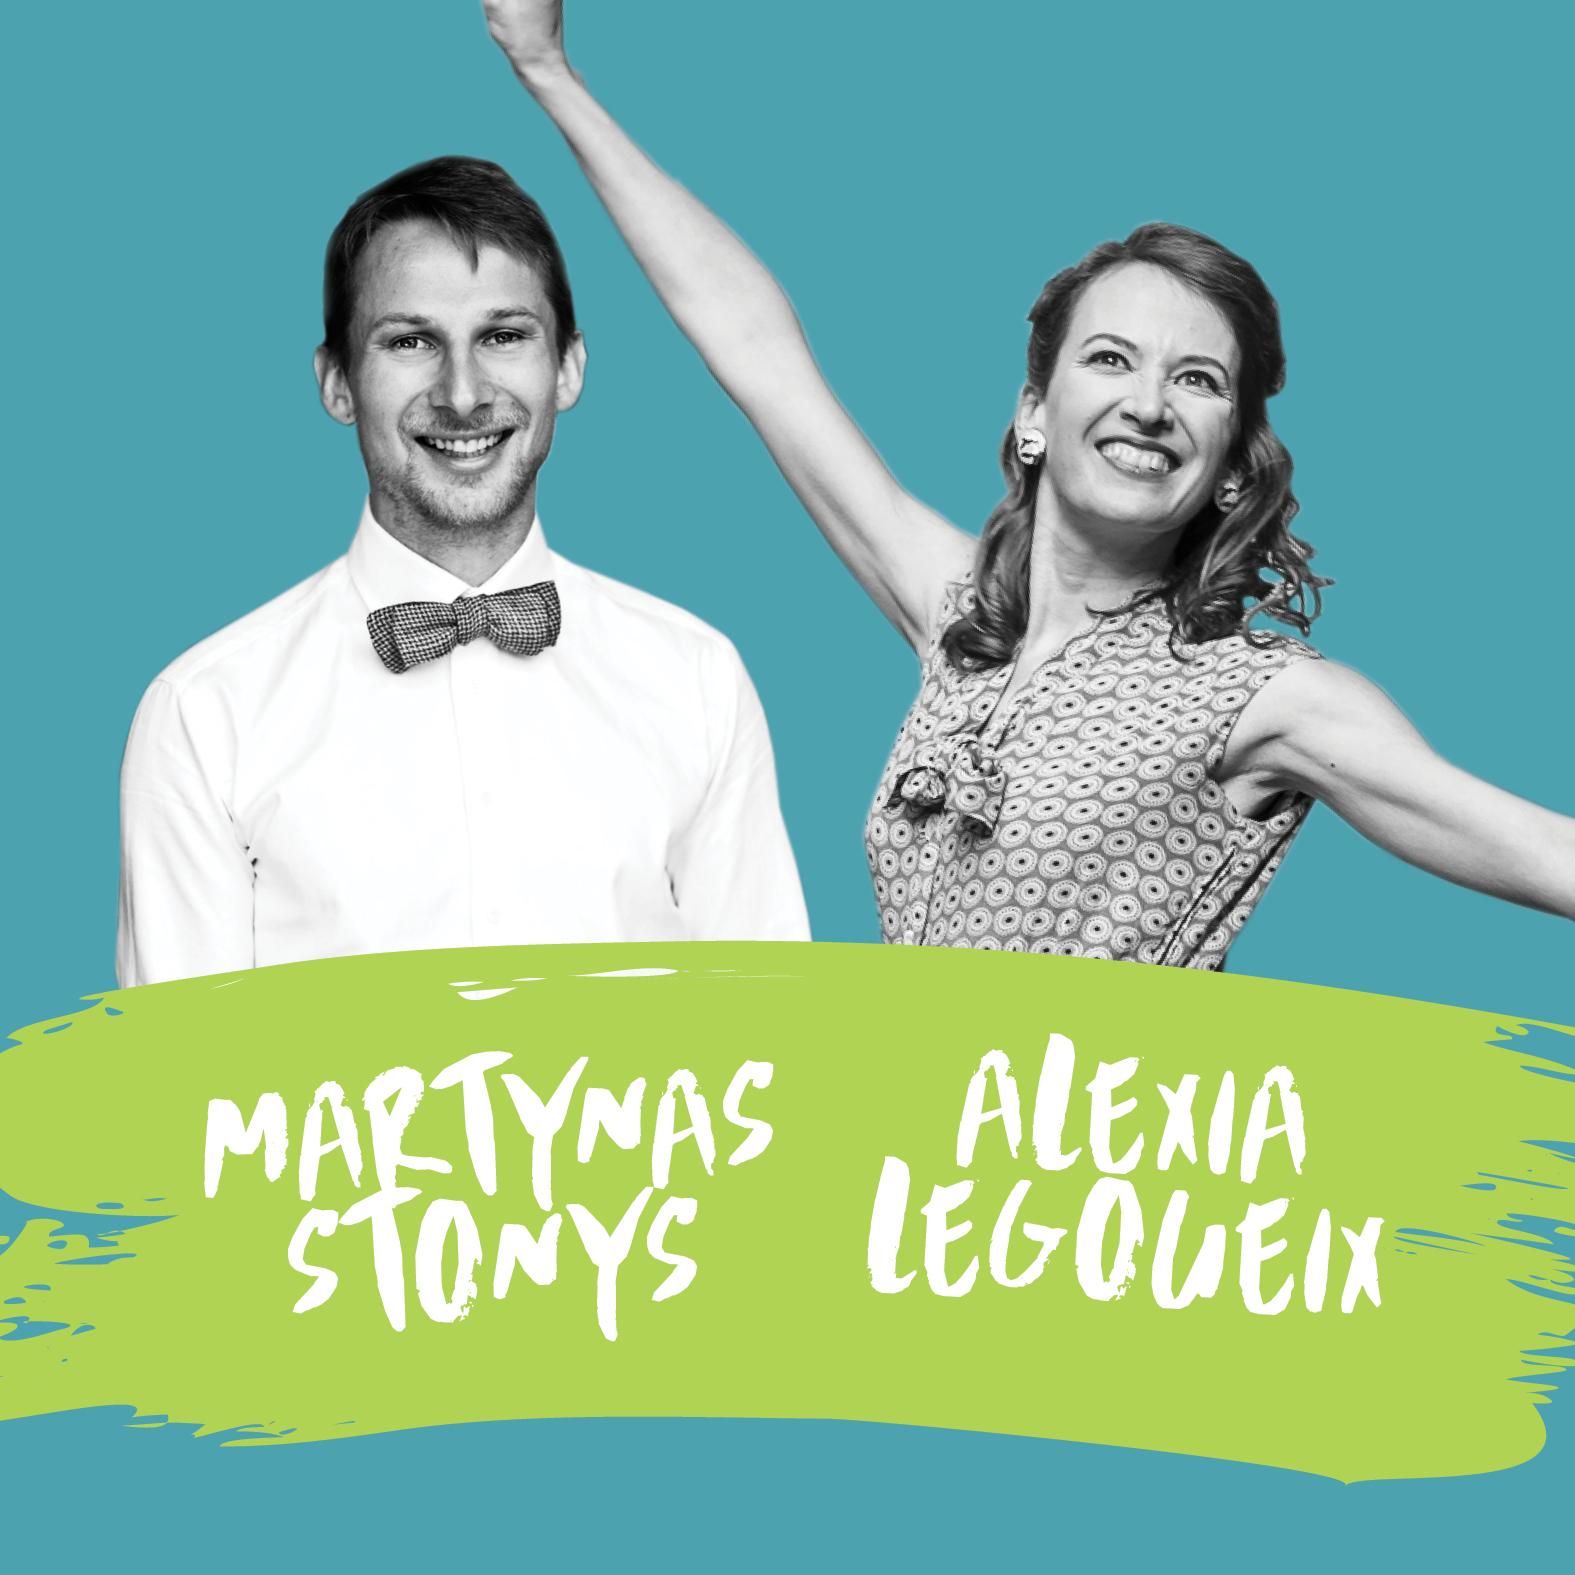 Martynas Stonys & Alexia Legoueix